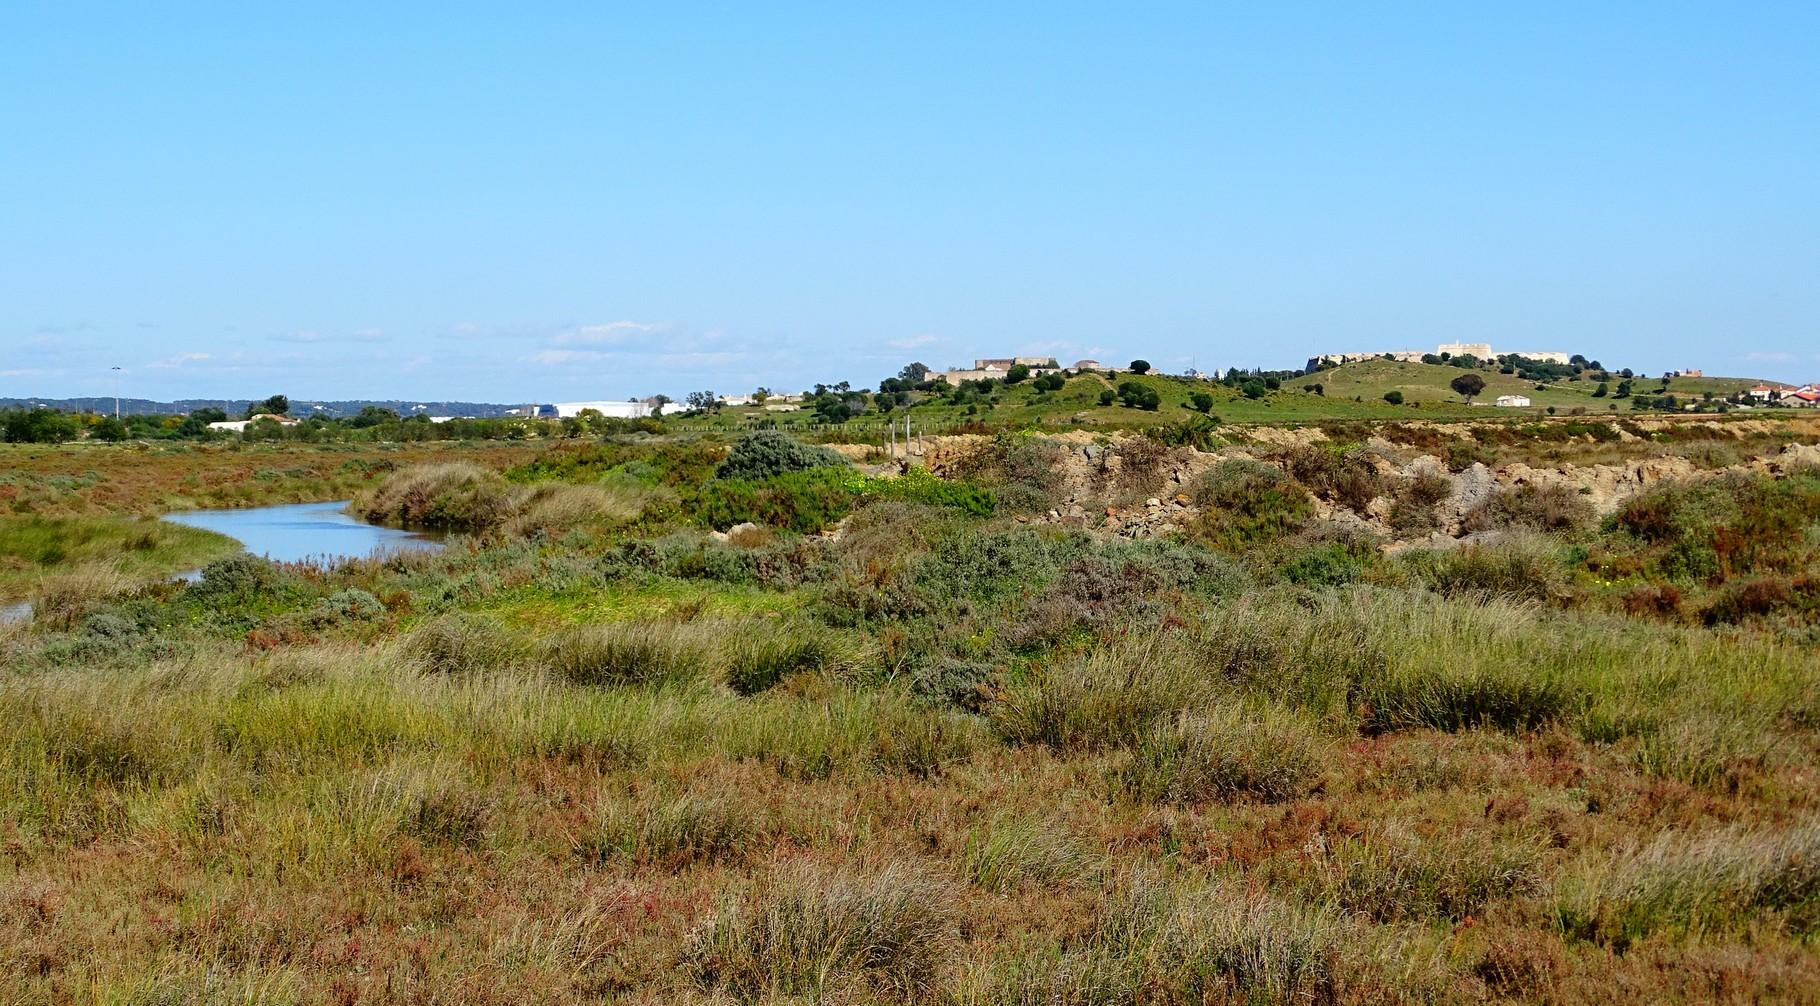 bei den Salzfeldern von Castro Marim ... die beiden Burgen am Horizont